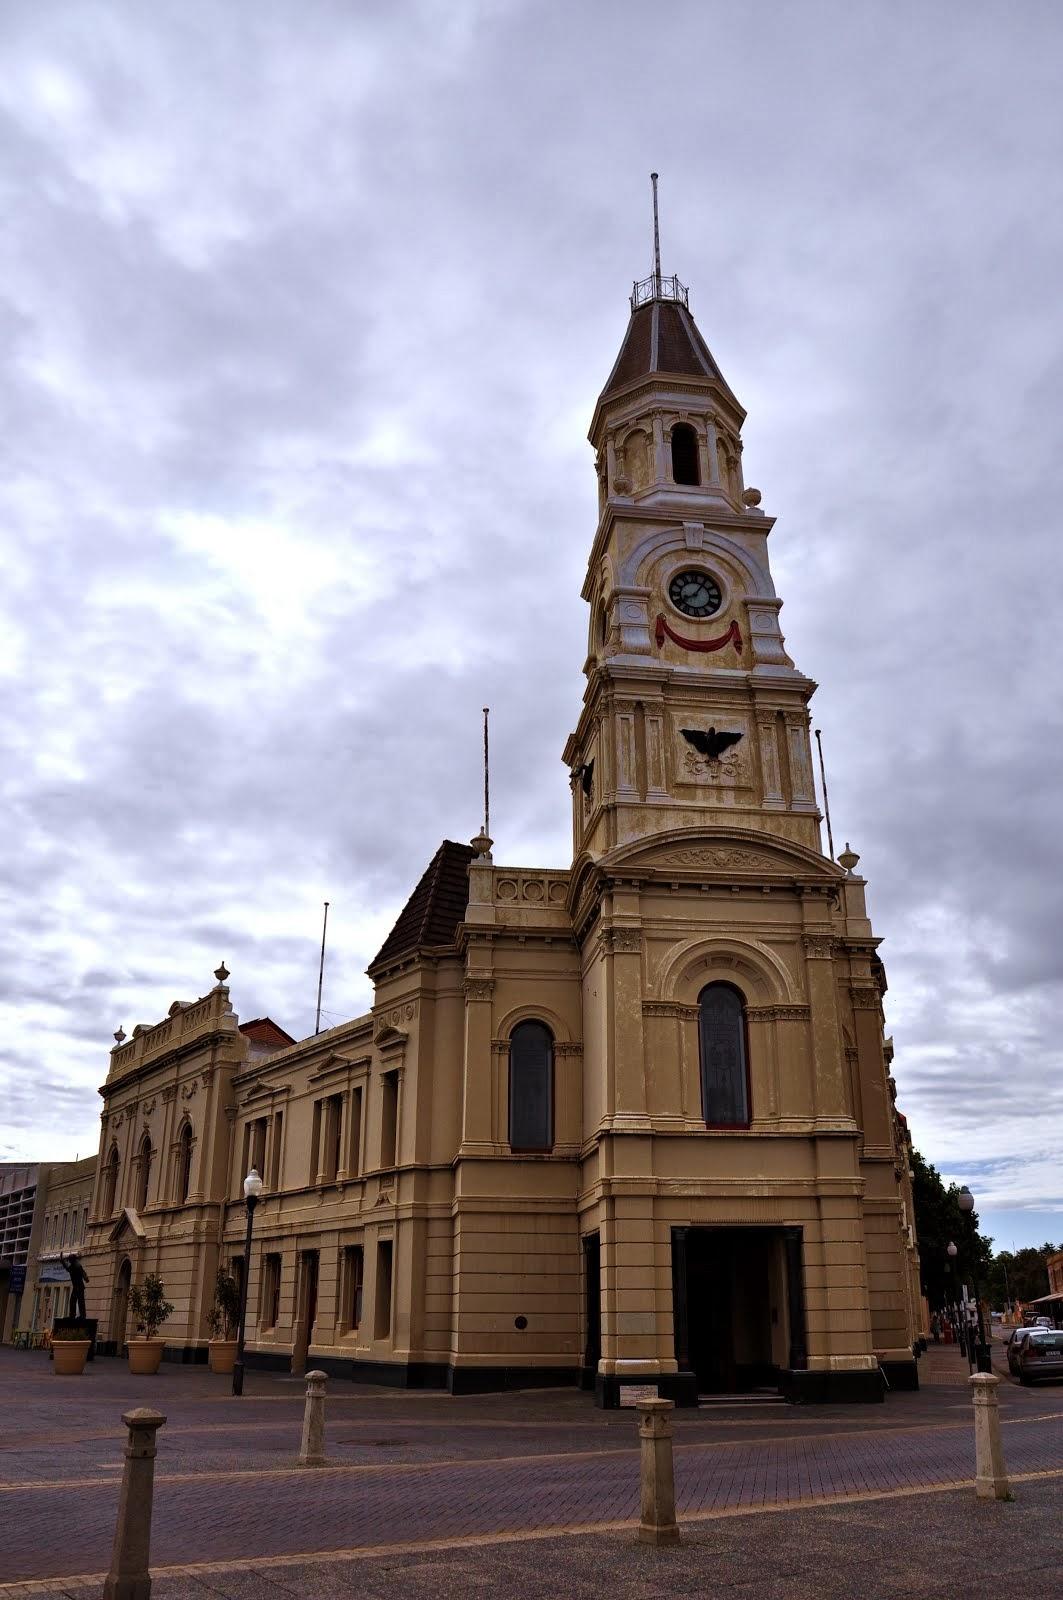 Australia - Perth